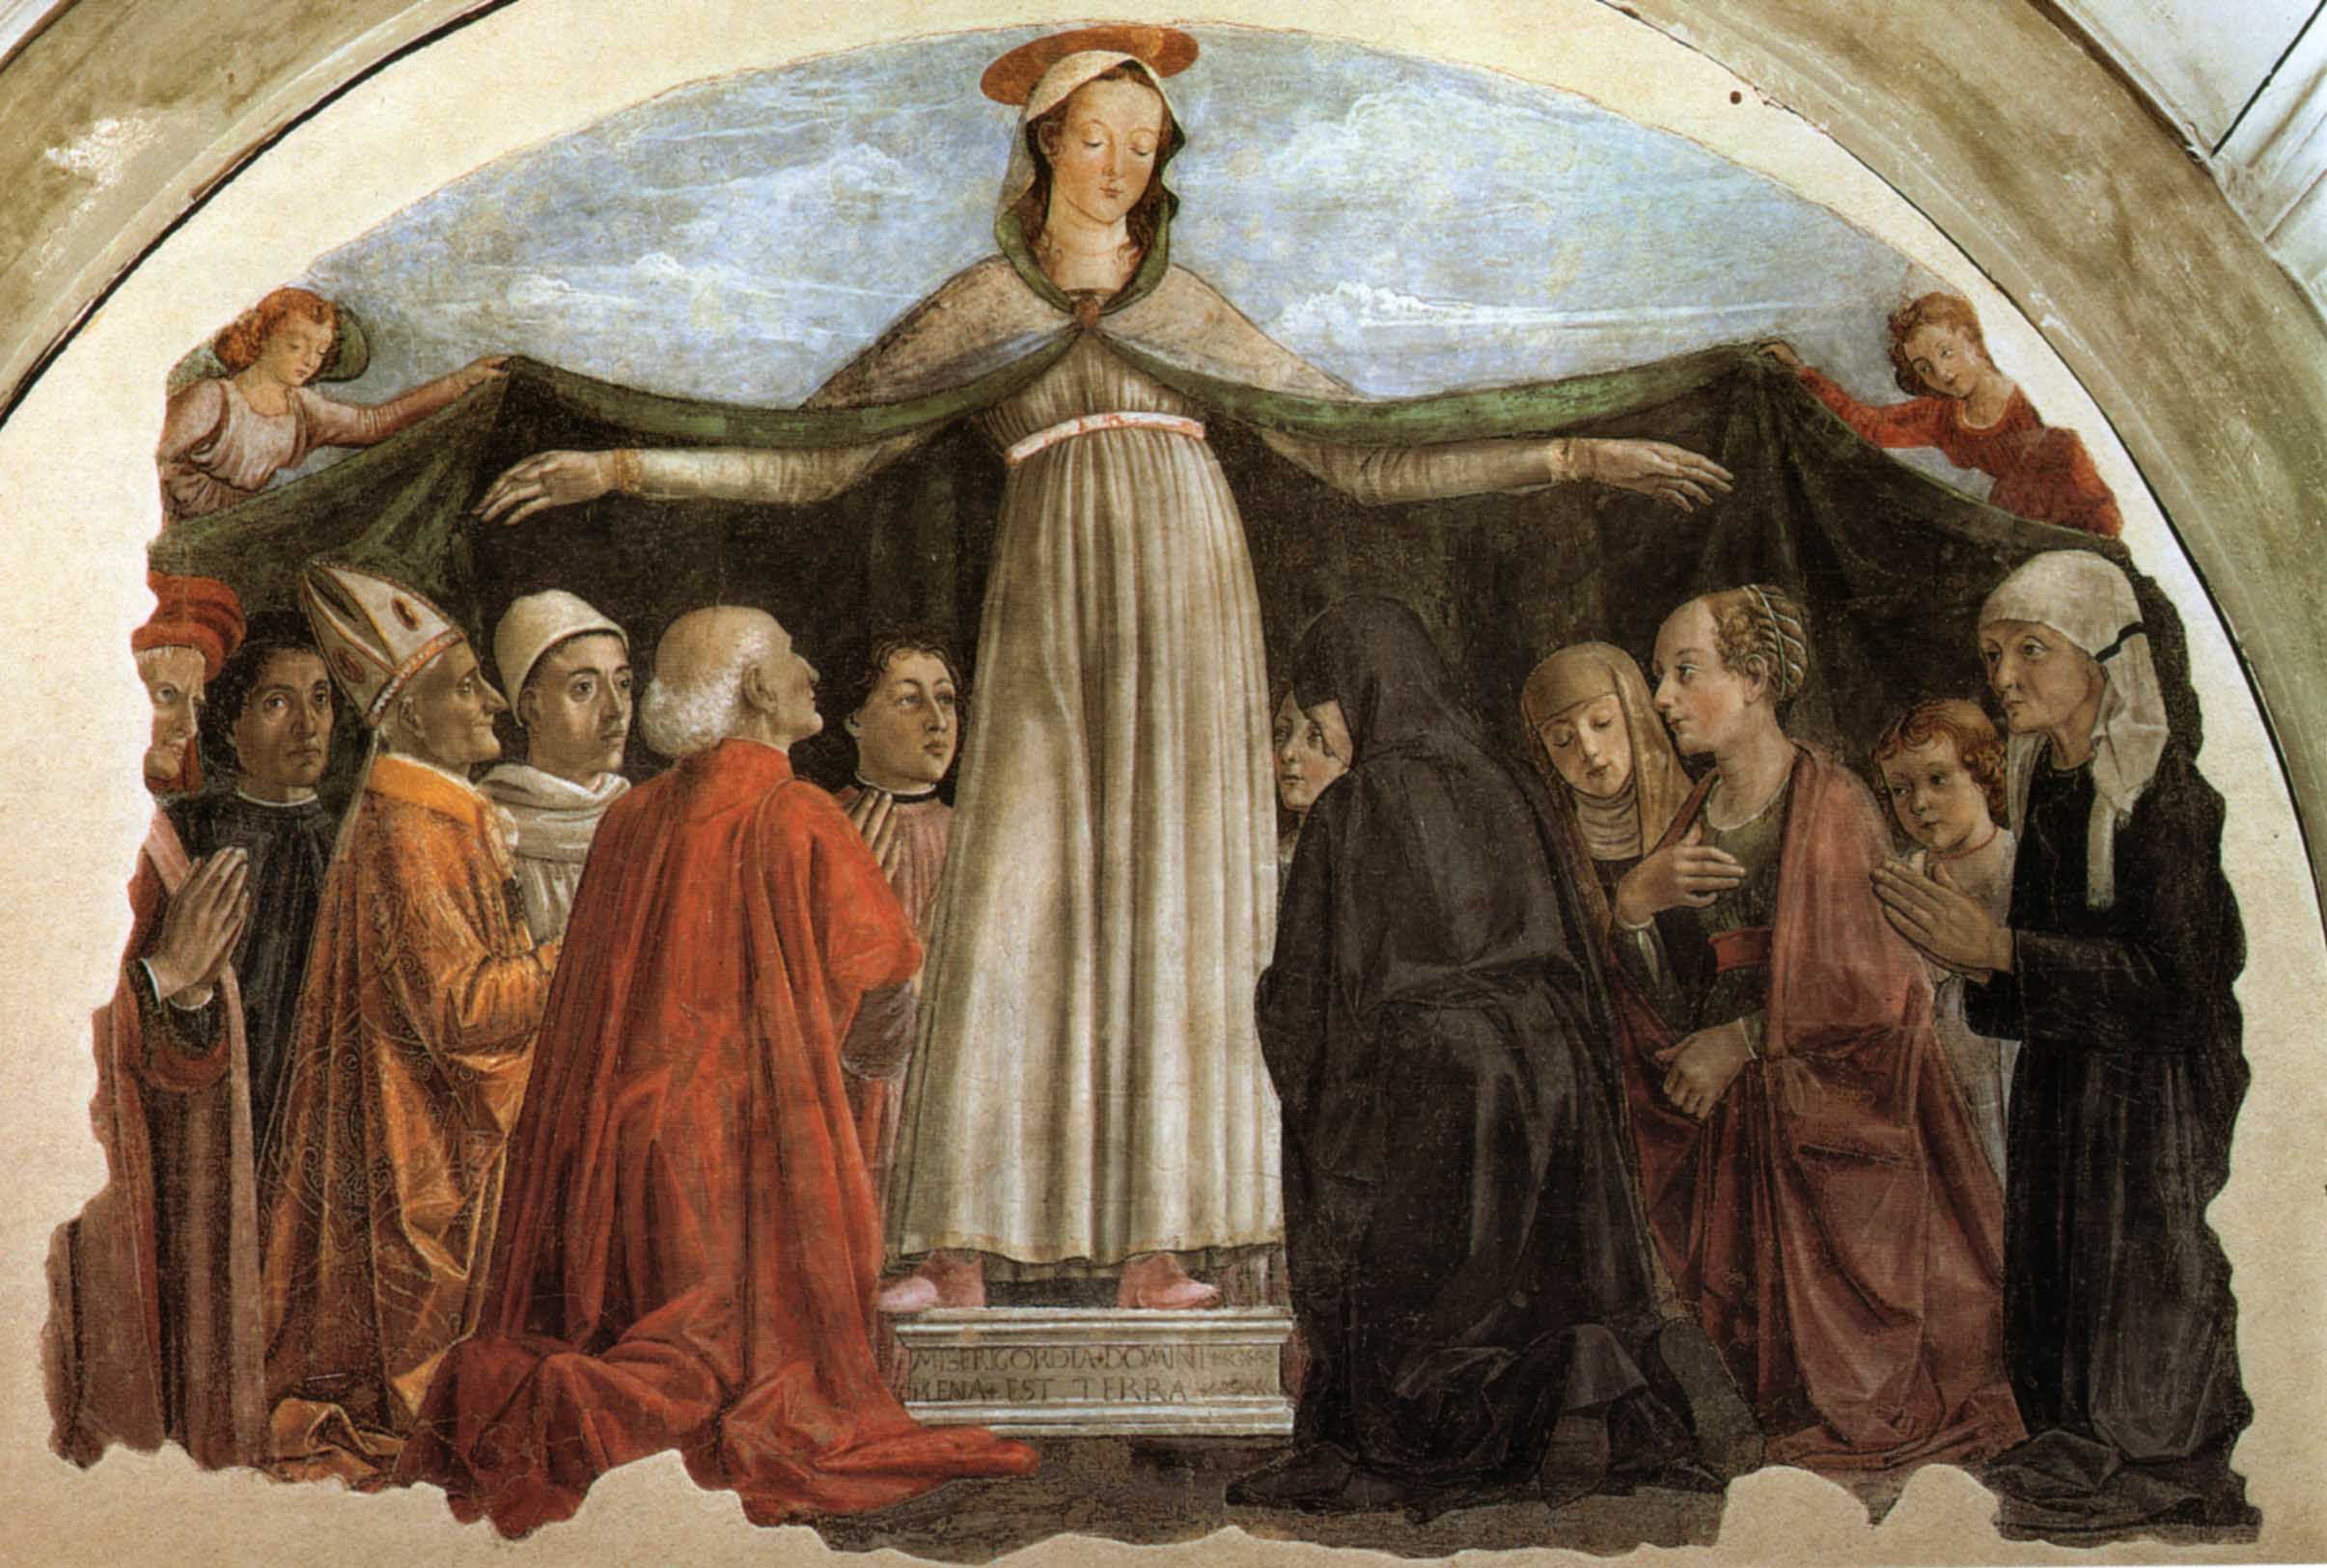 File:Domenico ghirlandaio, madonna della misericordia, ognissanti, Firenze.jpg - Wikimedia Commons